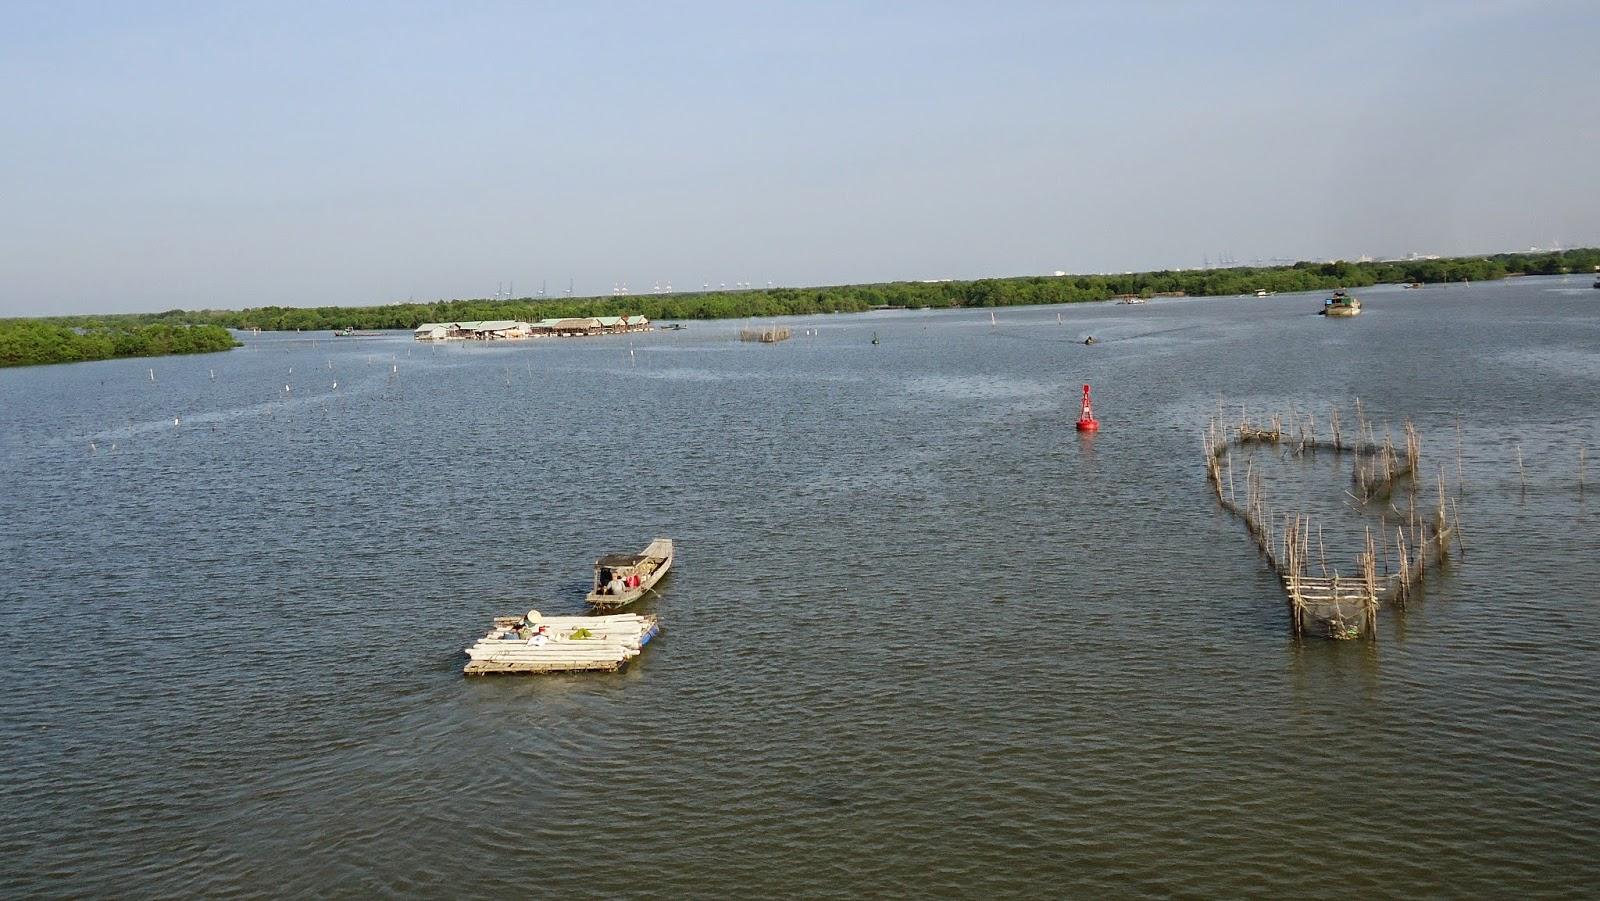 Phượt Vũng Tàu bằng xe máy cuối tháng 8 - Chuyến đi nhiều kỷ niệm